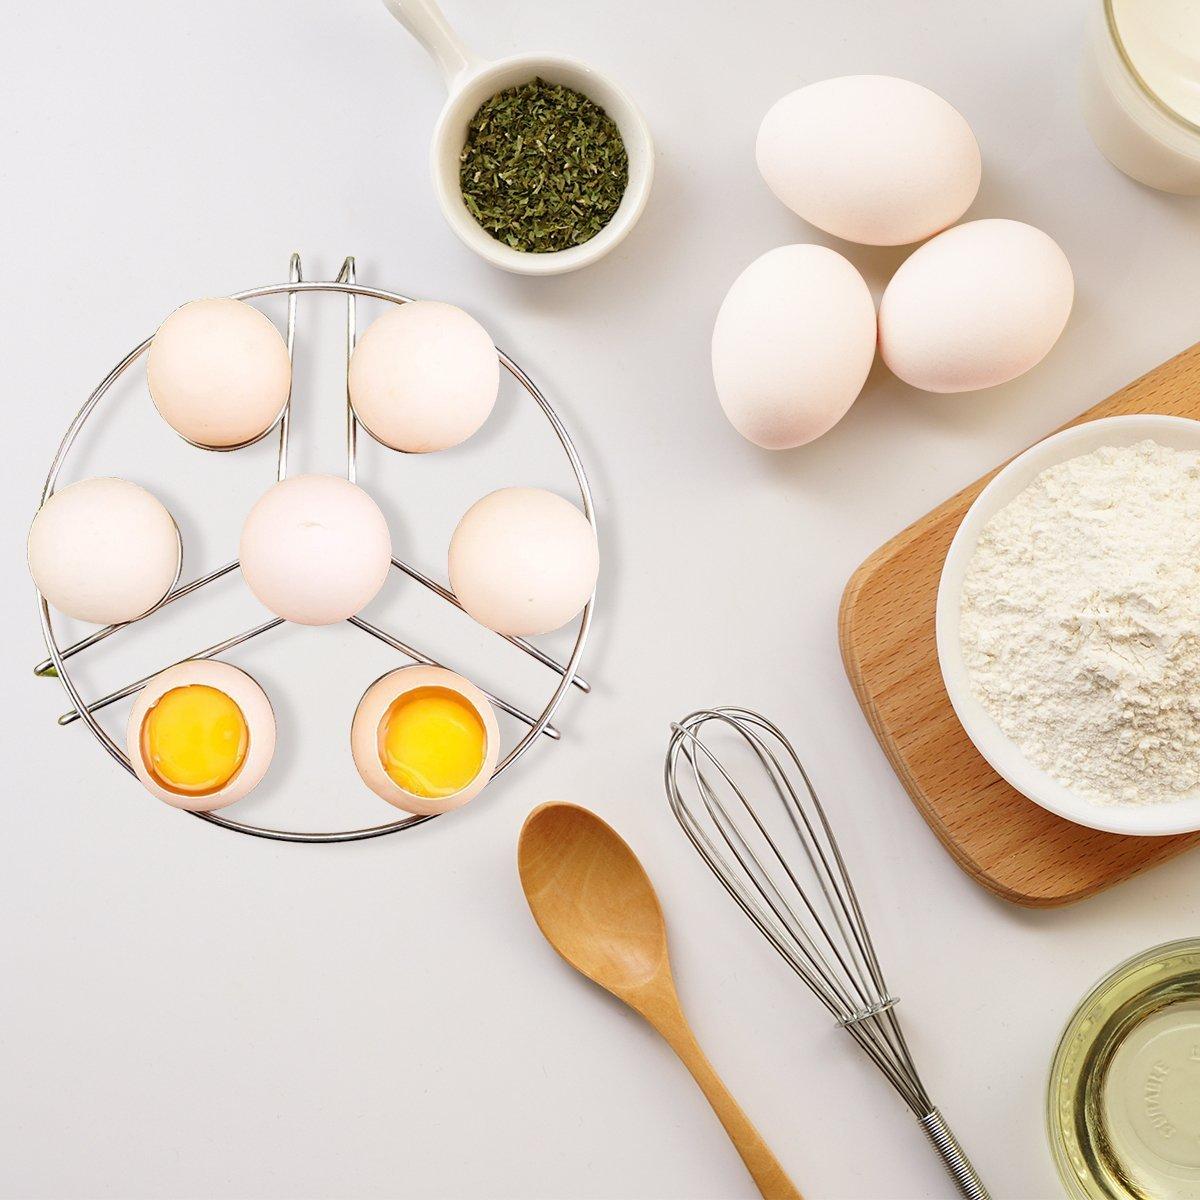 Egg Cooker Steamers Racks, Ertek instant pot accessories 2-pack Food steamerrack Fits 6,8 Quart Instant Pot or Pressure Cooker, Stainless Steel, Stackable